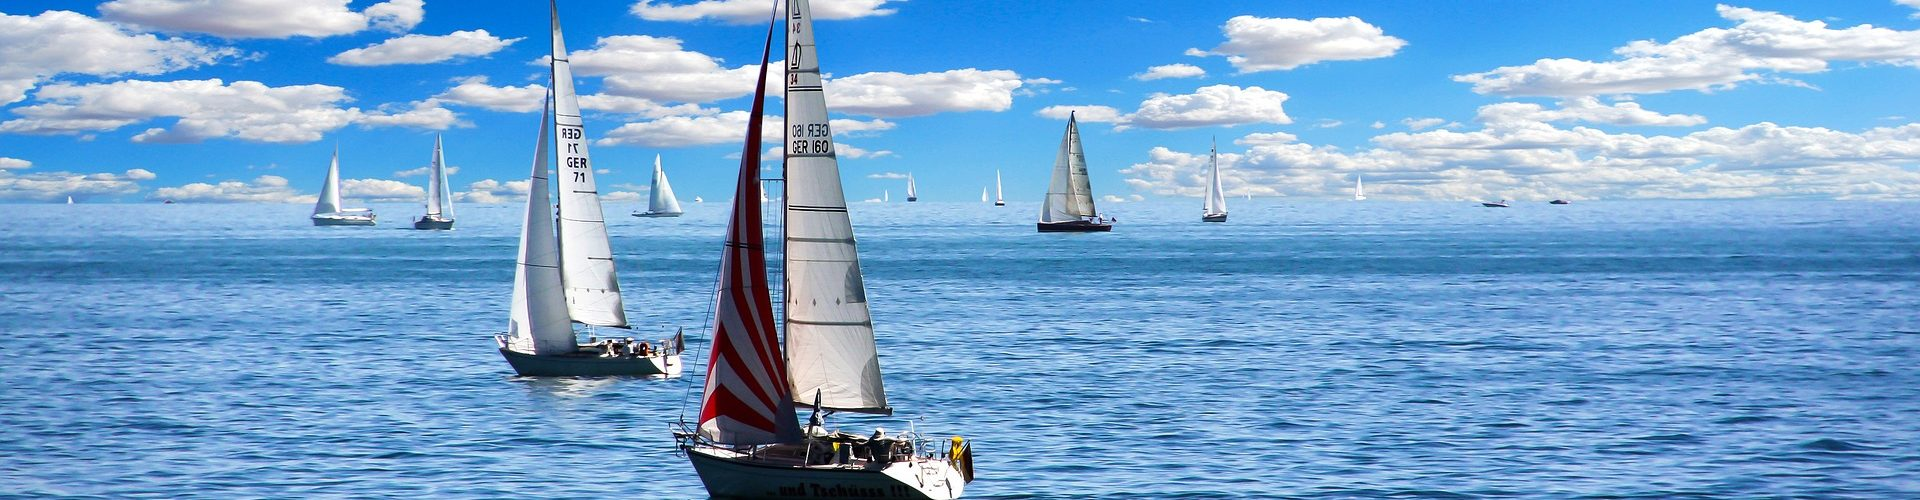 segeln lernen in Aken segelschein machen in Aken 1920x500 - Segeln lernen in Aken